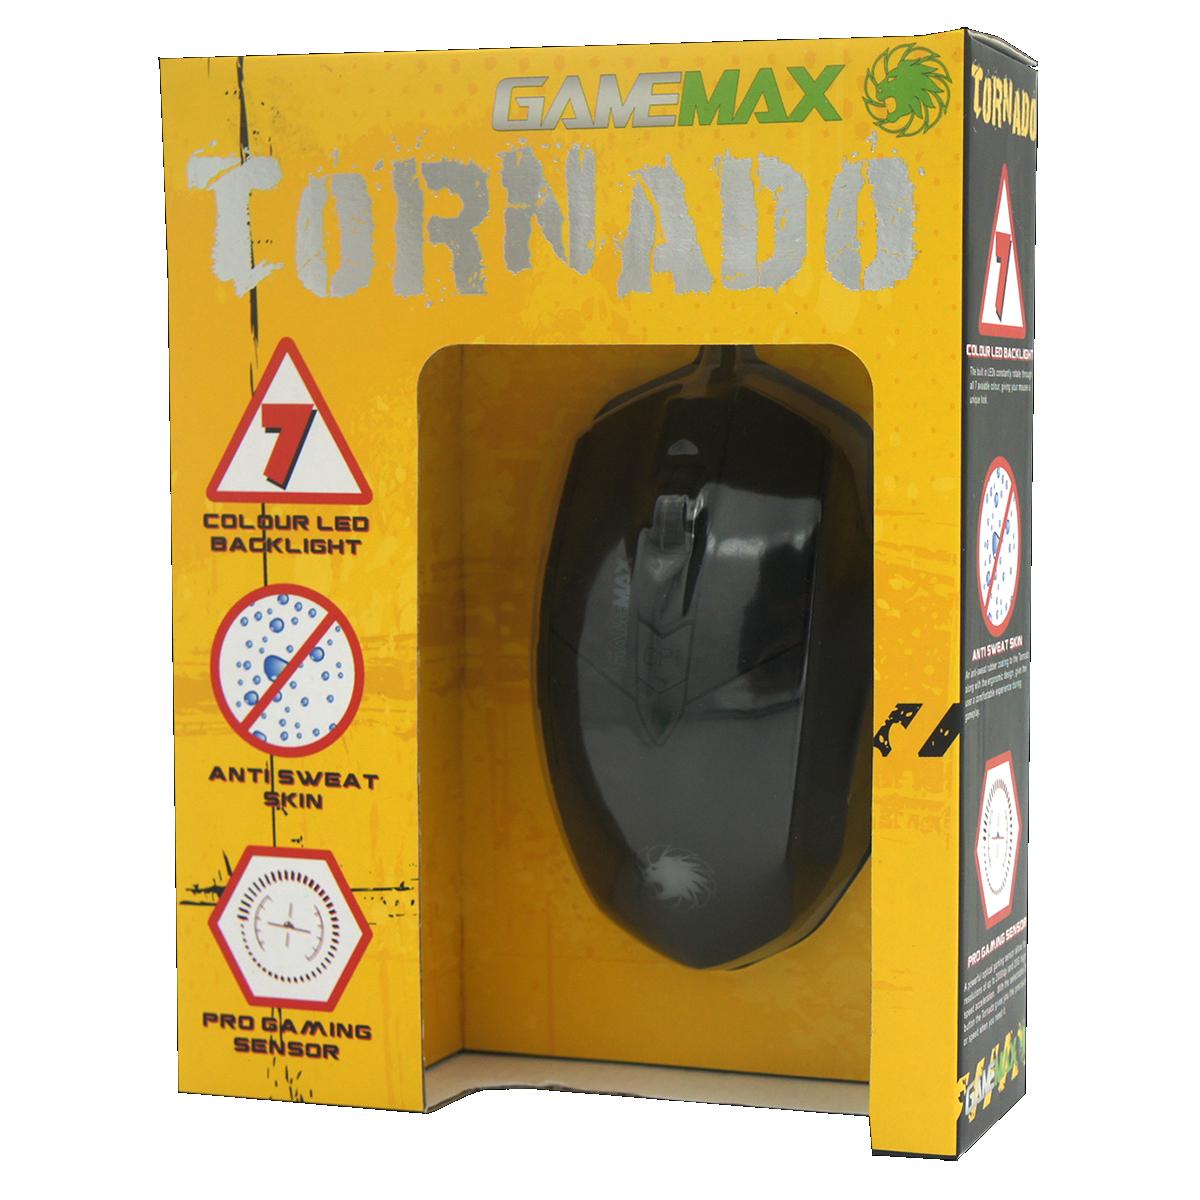 Tornado-Mouse-7-pic4